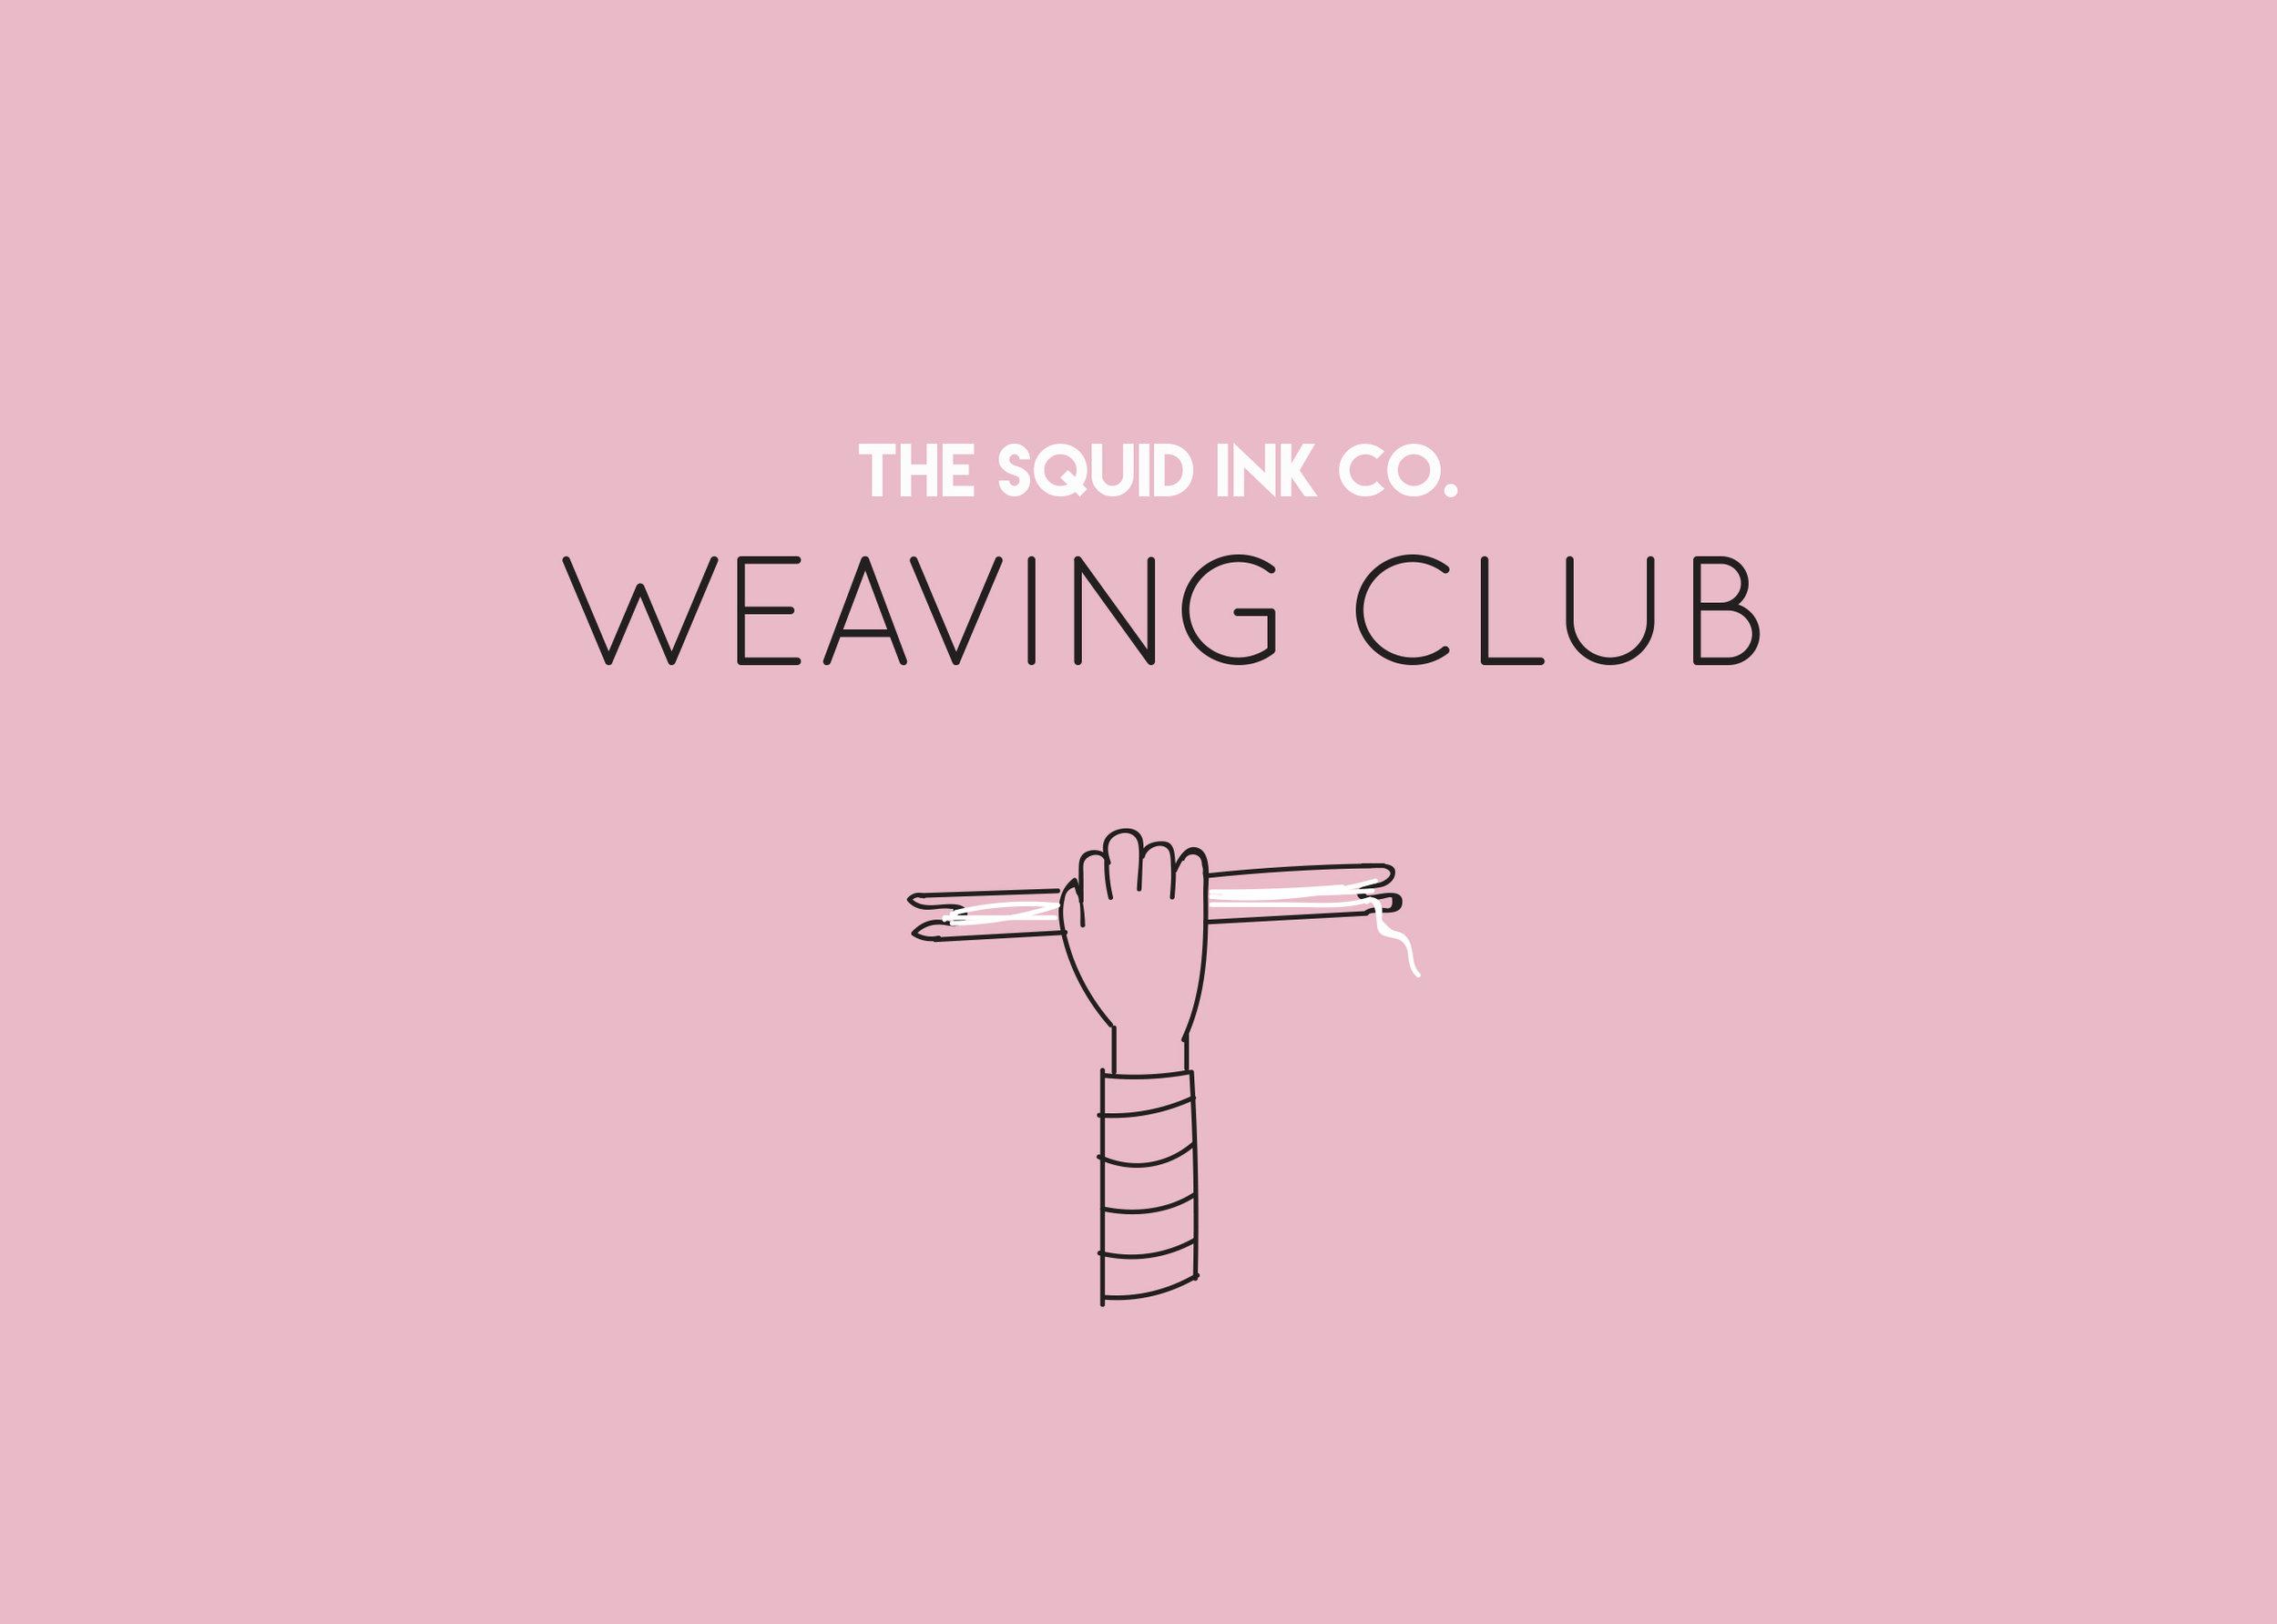 squid-ink-co-club-2.jpg